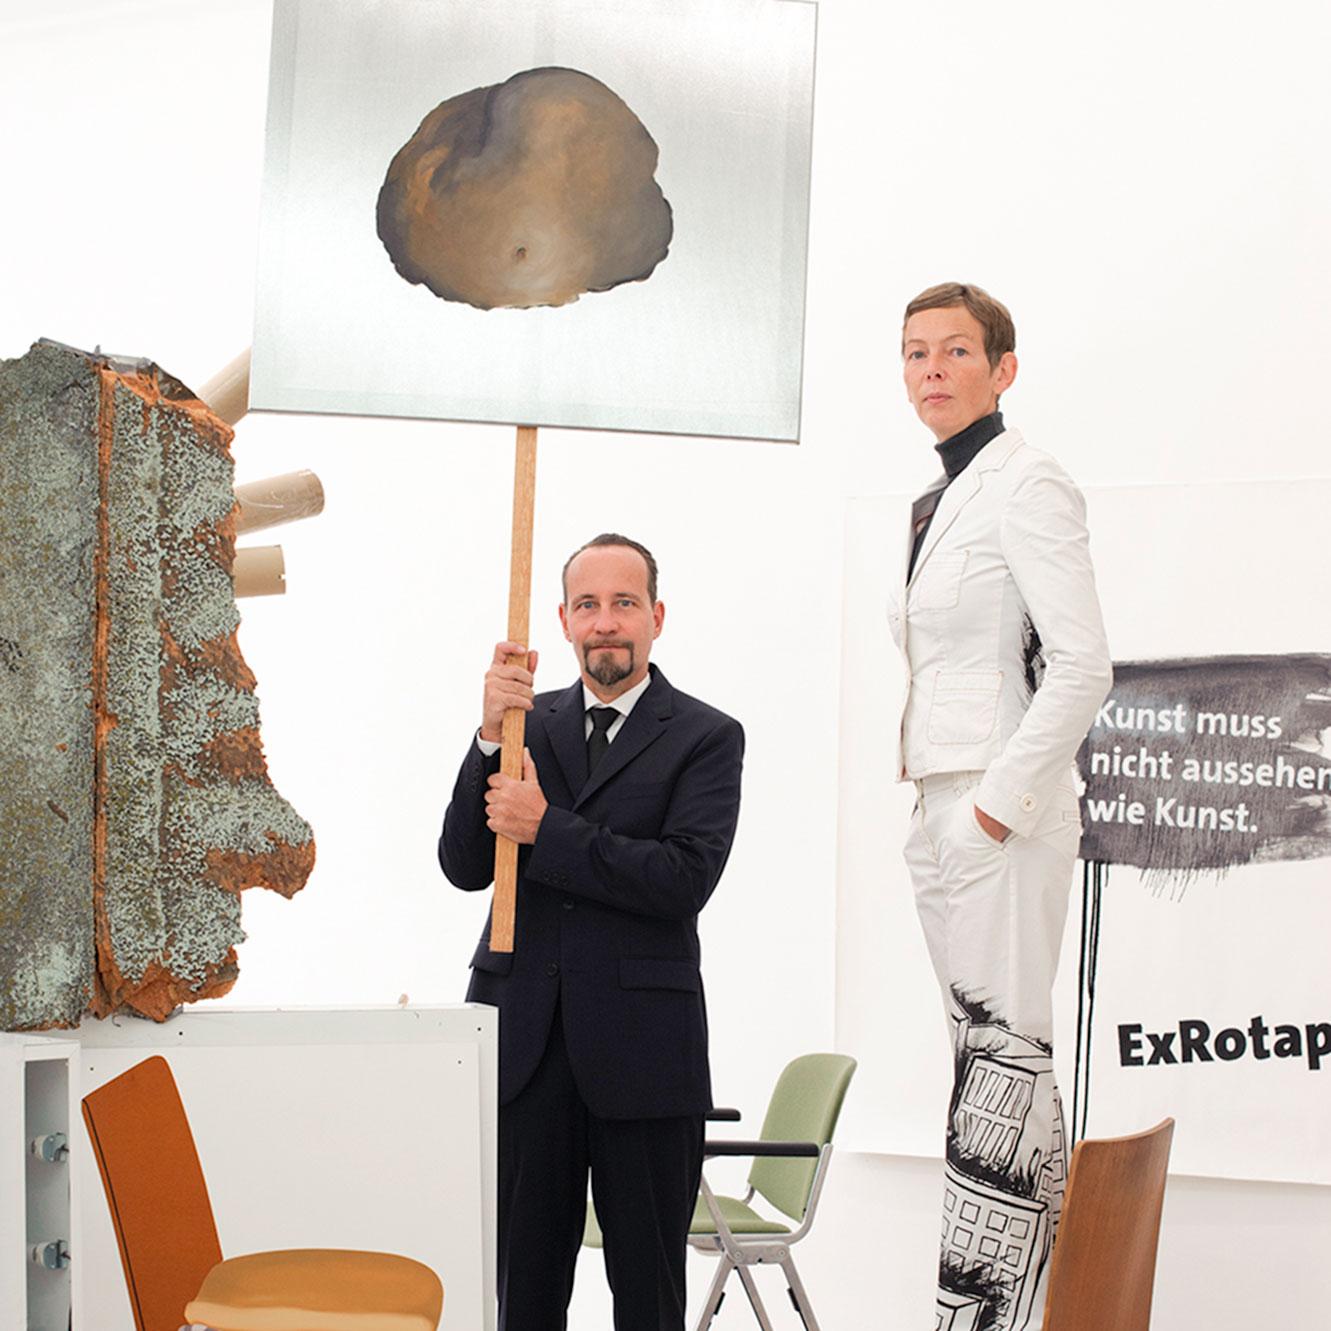 Les Schliesser, Daniela Brahm, 2011, Photo Kristin Loschert